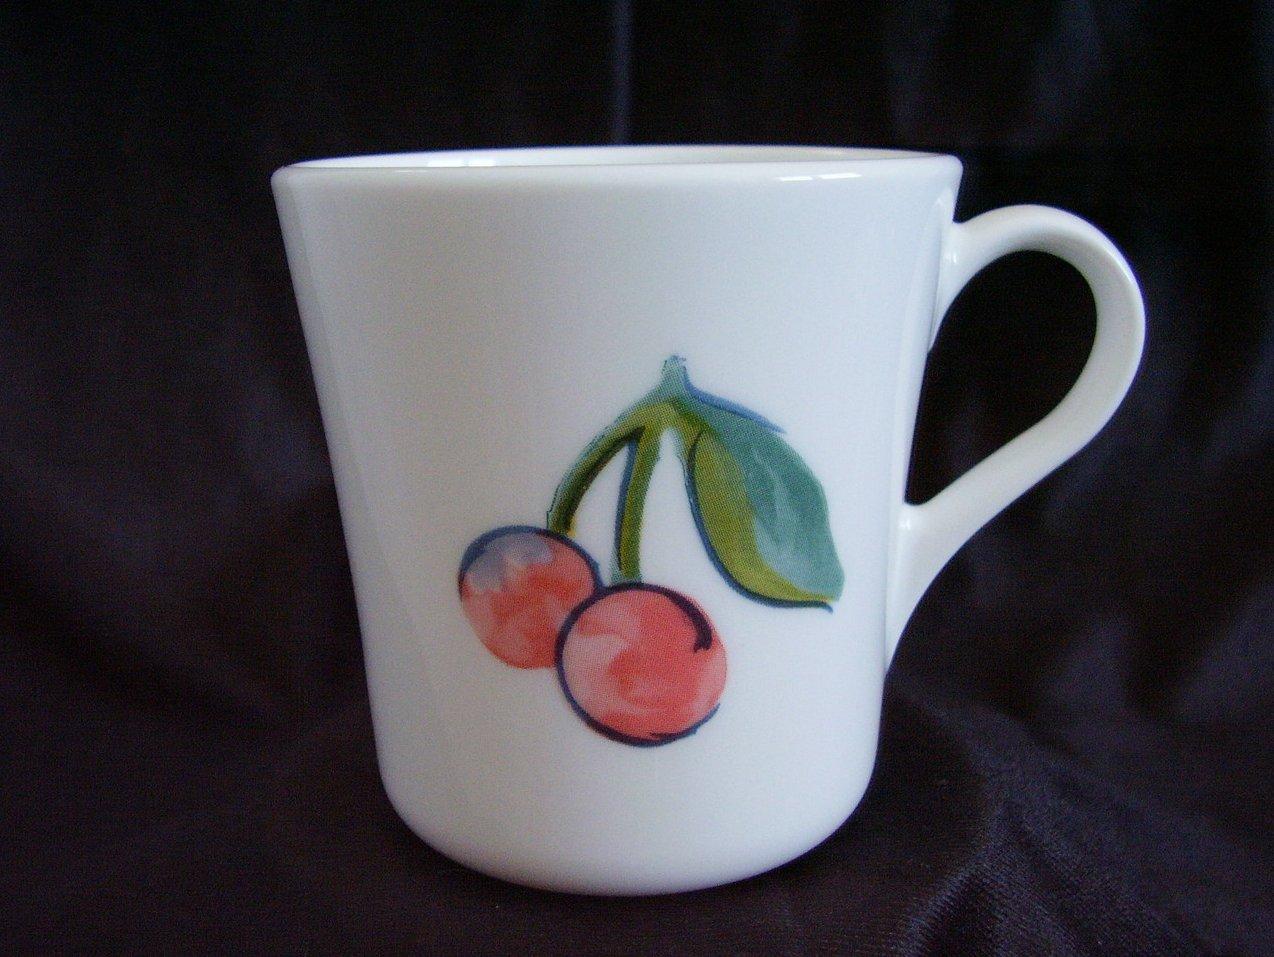 Corelle Fruit Too Coffee Cup Mug Cherries Apples